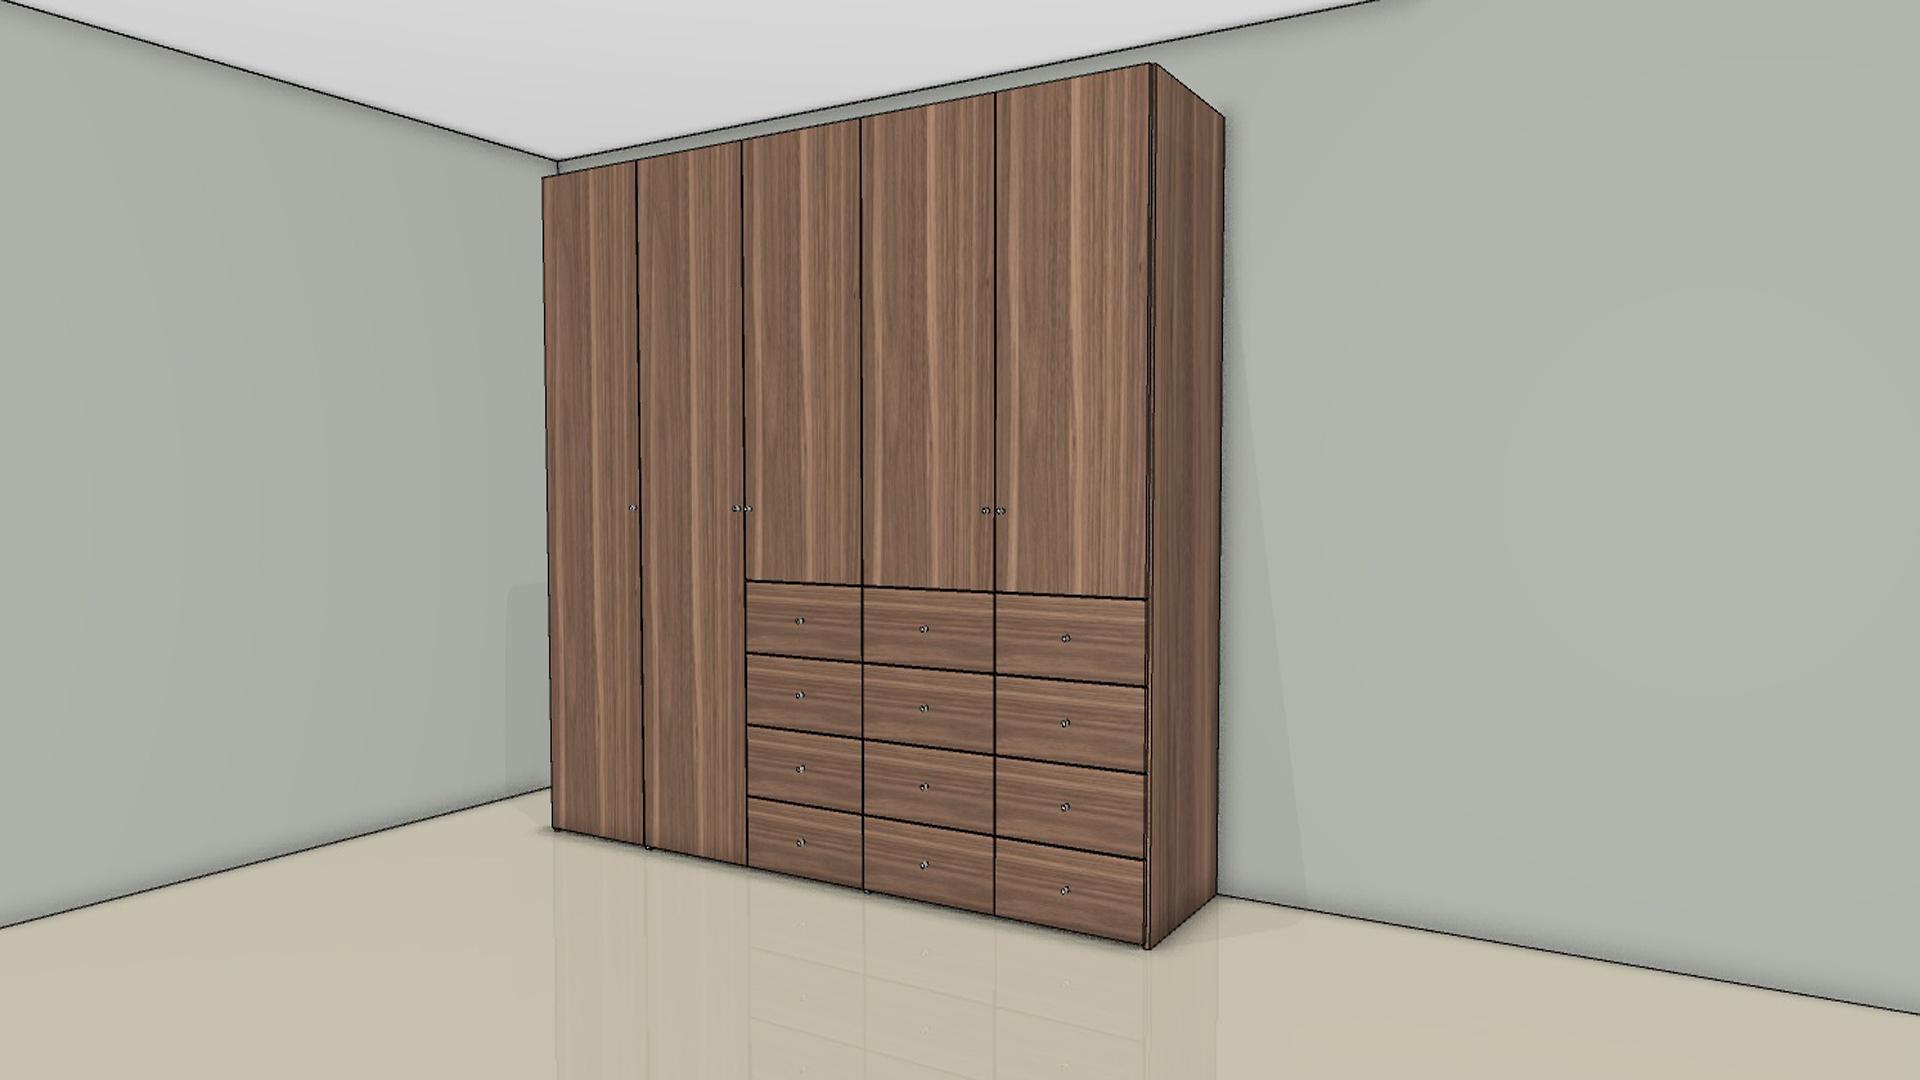 h lsta now flexx kleiderschrank 980505 18 verschied looks h225 4 x b. Black Bedroom Furniture Sets. Home Design Ideas